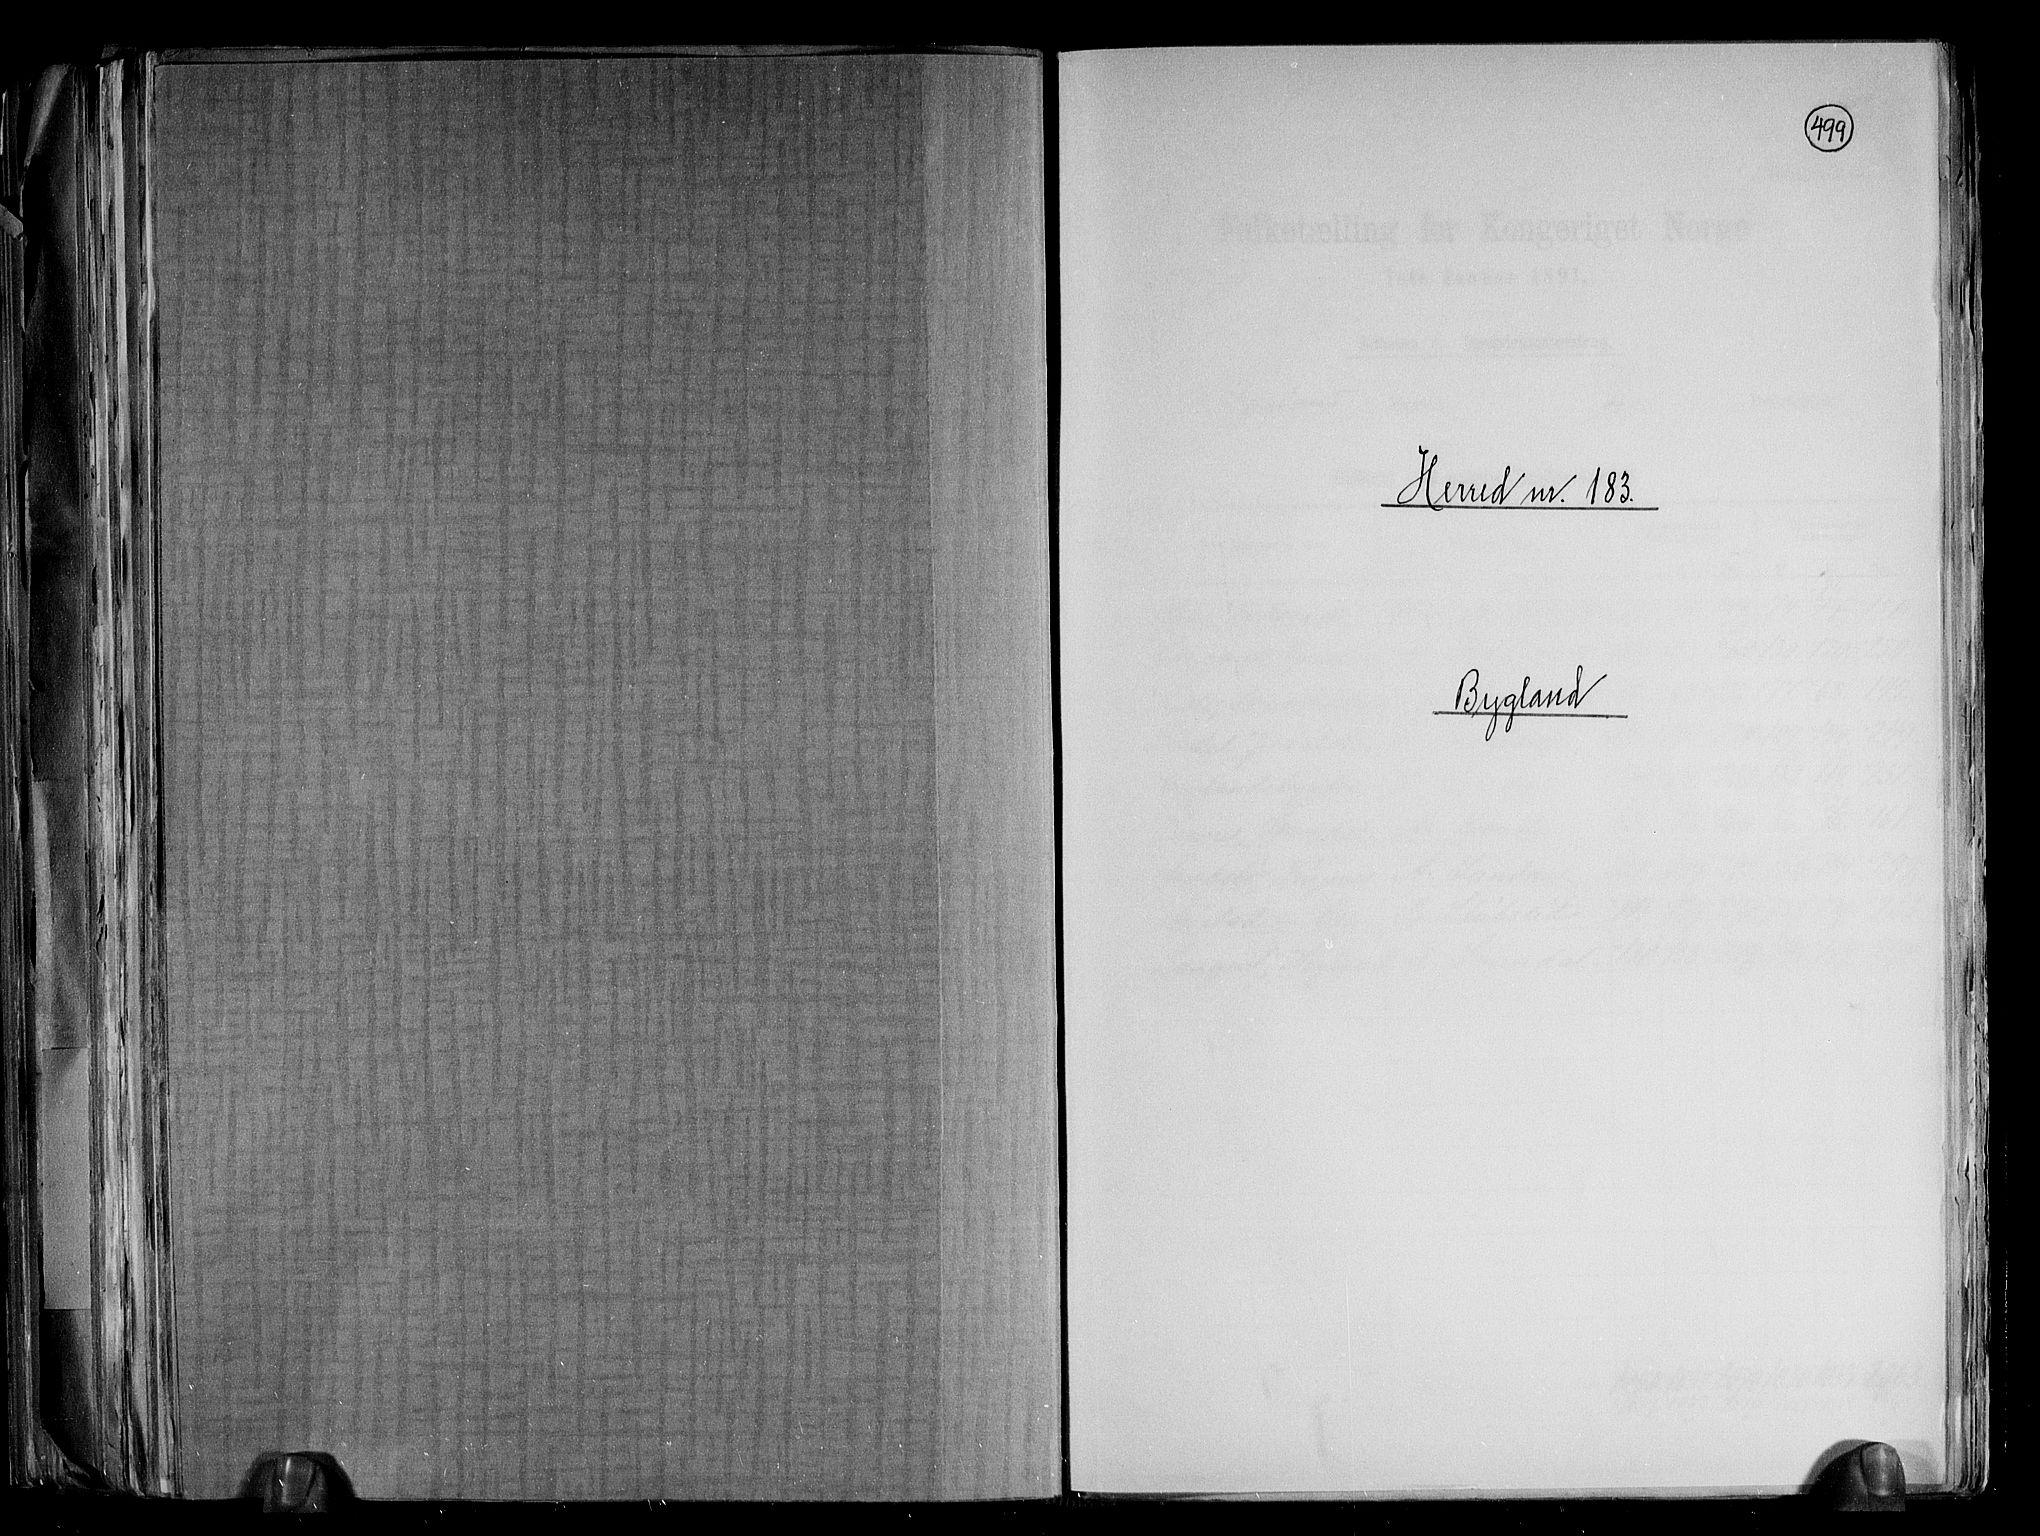 RA, Folketelling 1891 for 0938 Bygland herred, 1891, s. 1